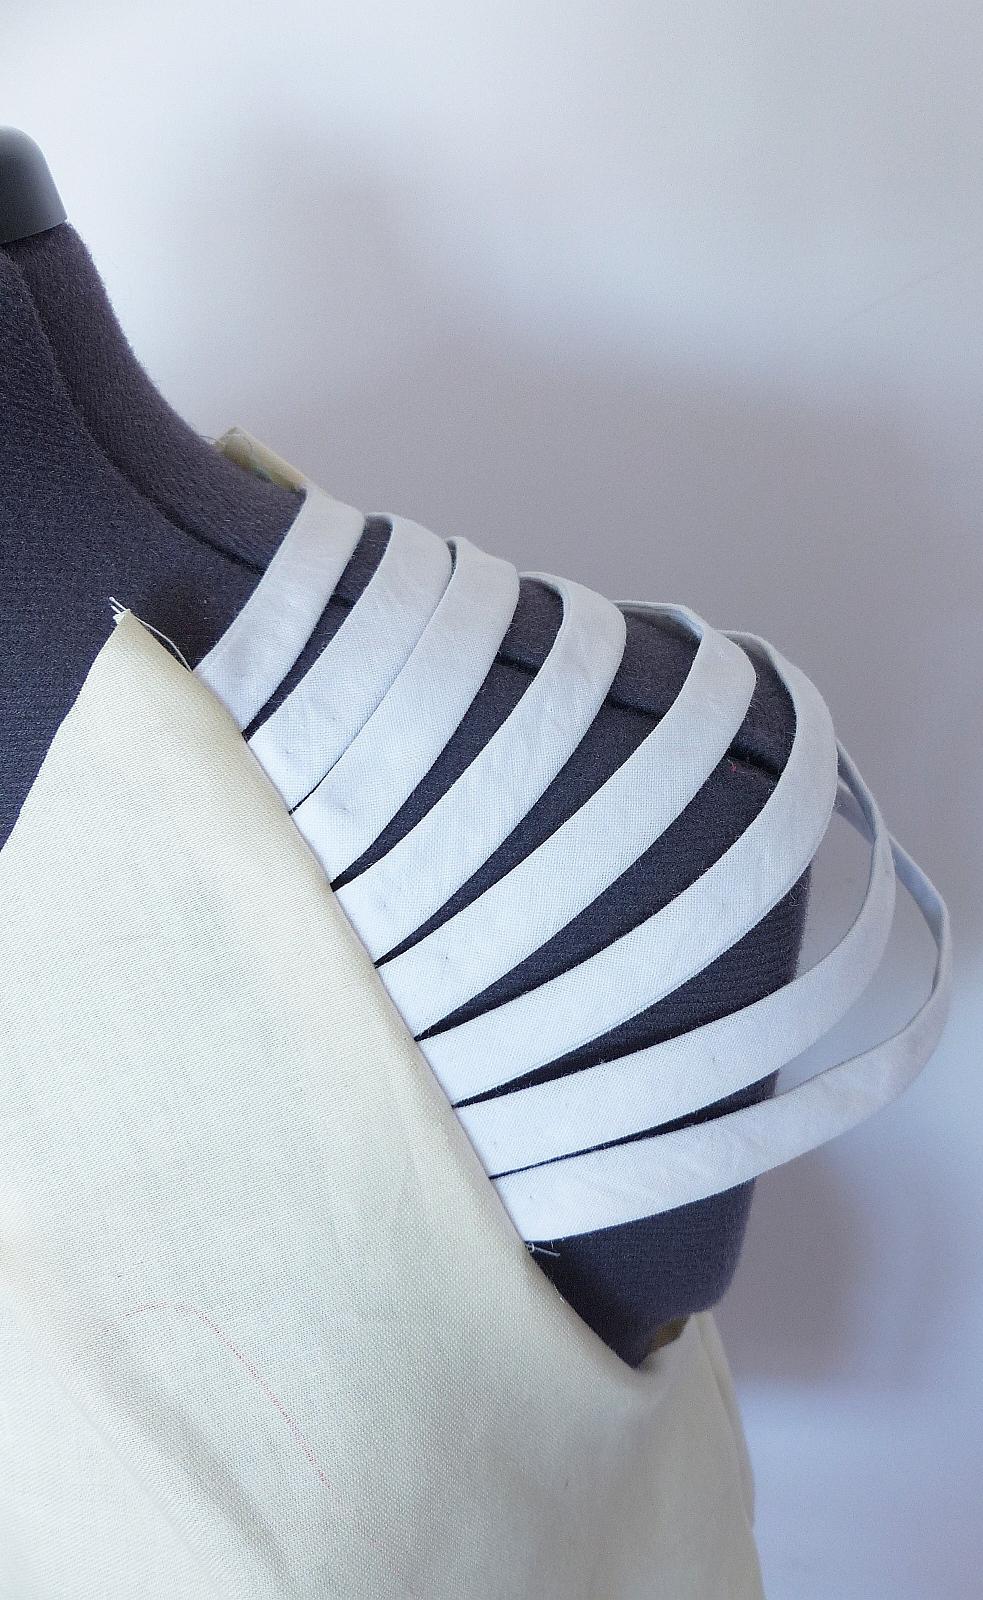 Emulating designer sleeve details